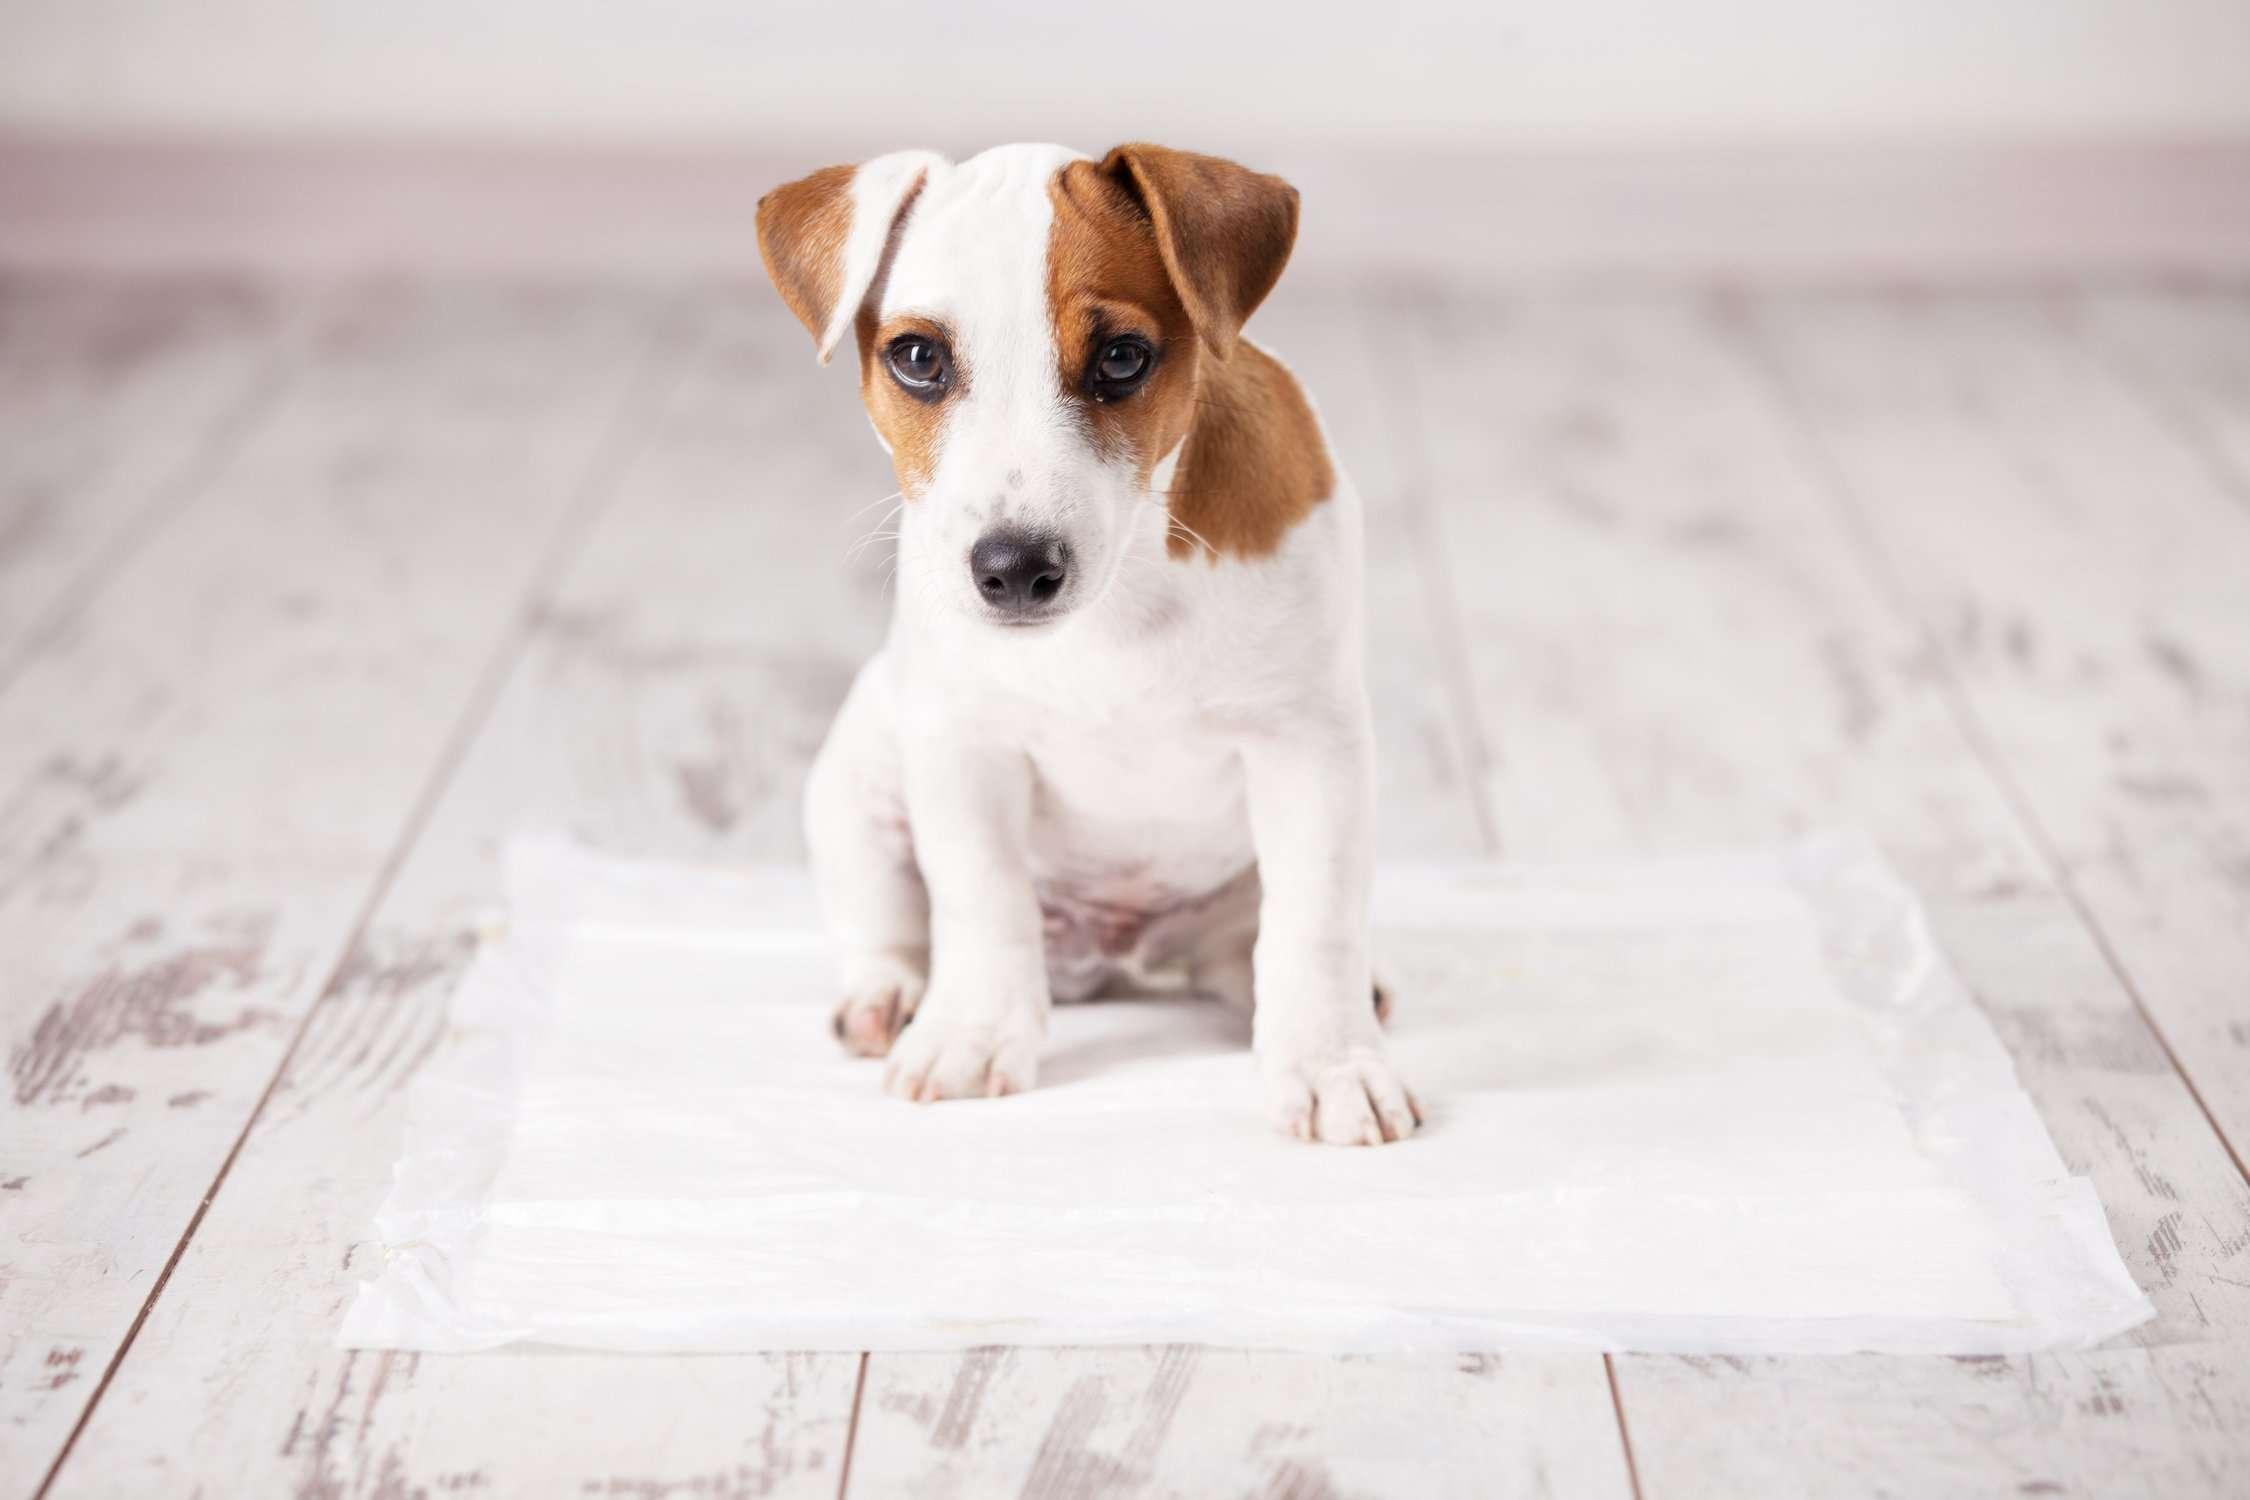 Do puppy pads work